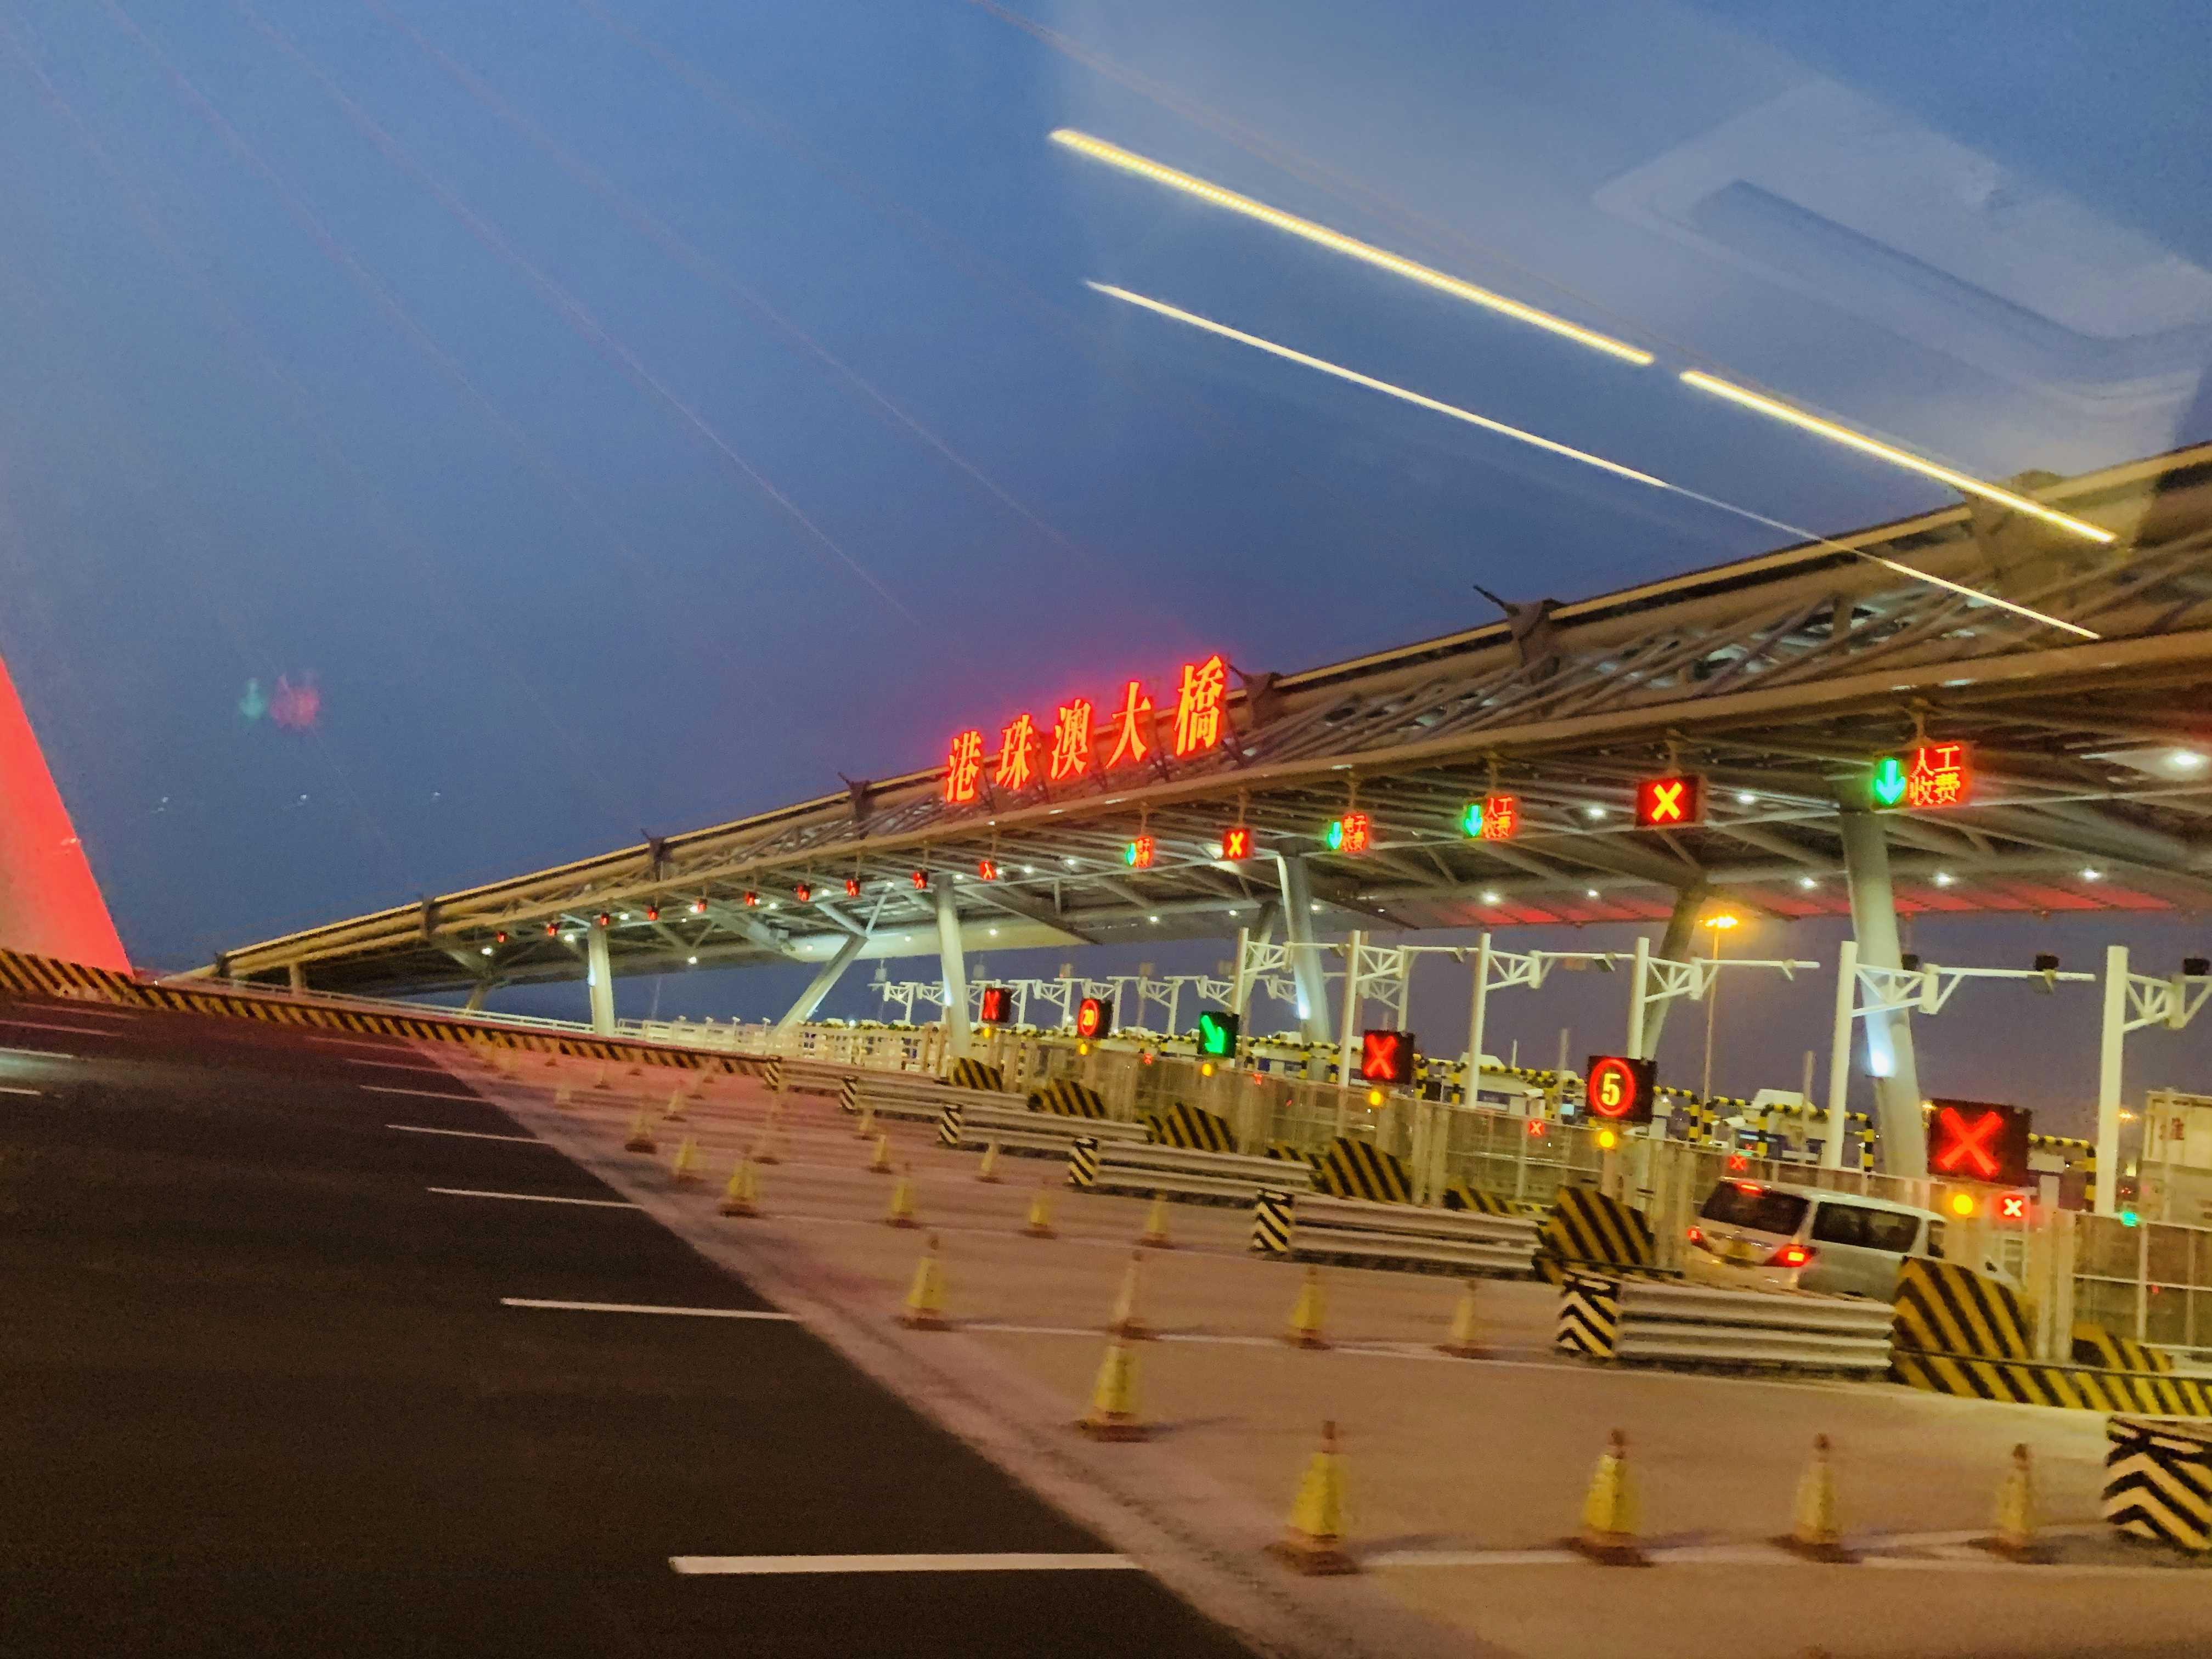 香港旅游-85f686c33827222e000c2964cb8d87f